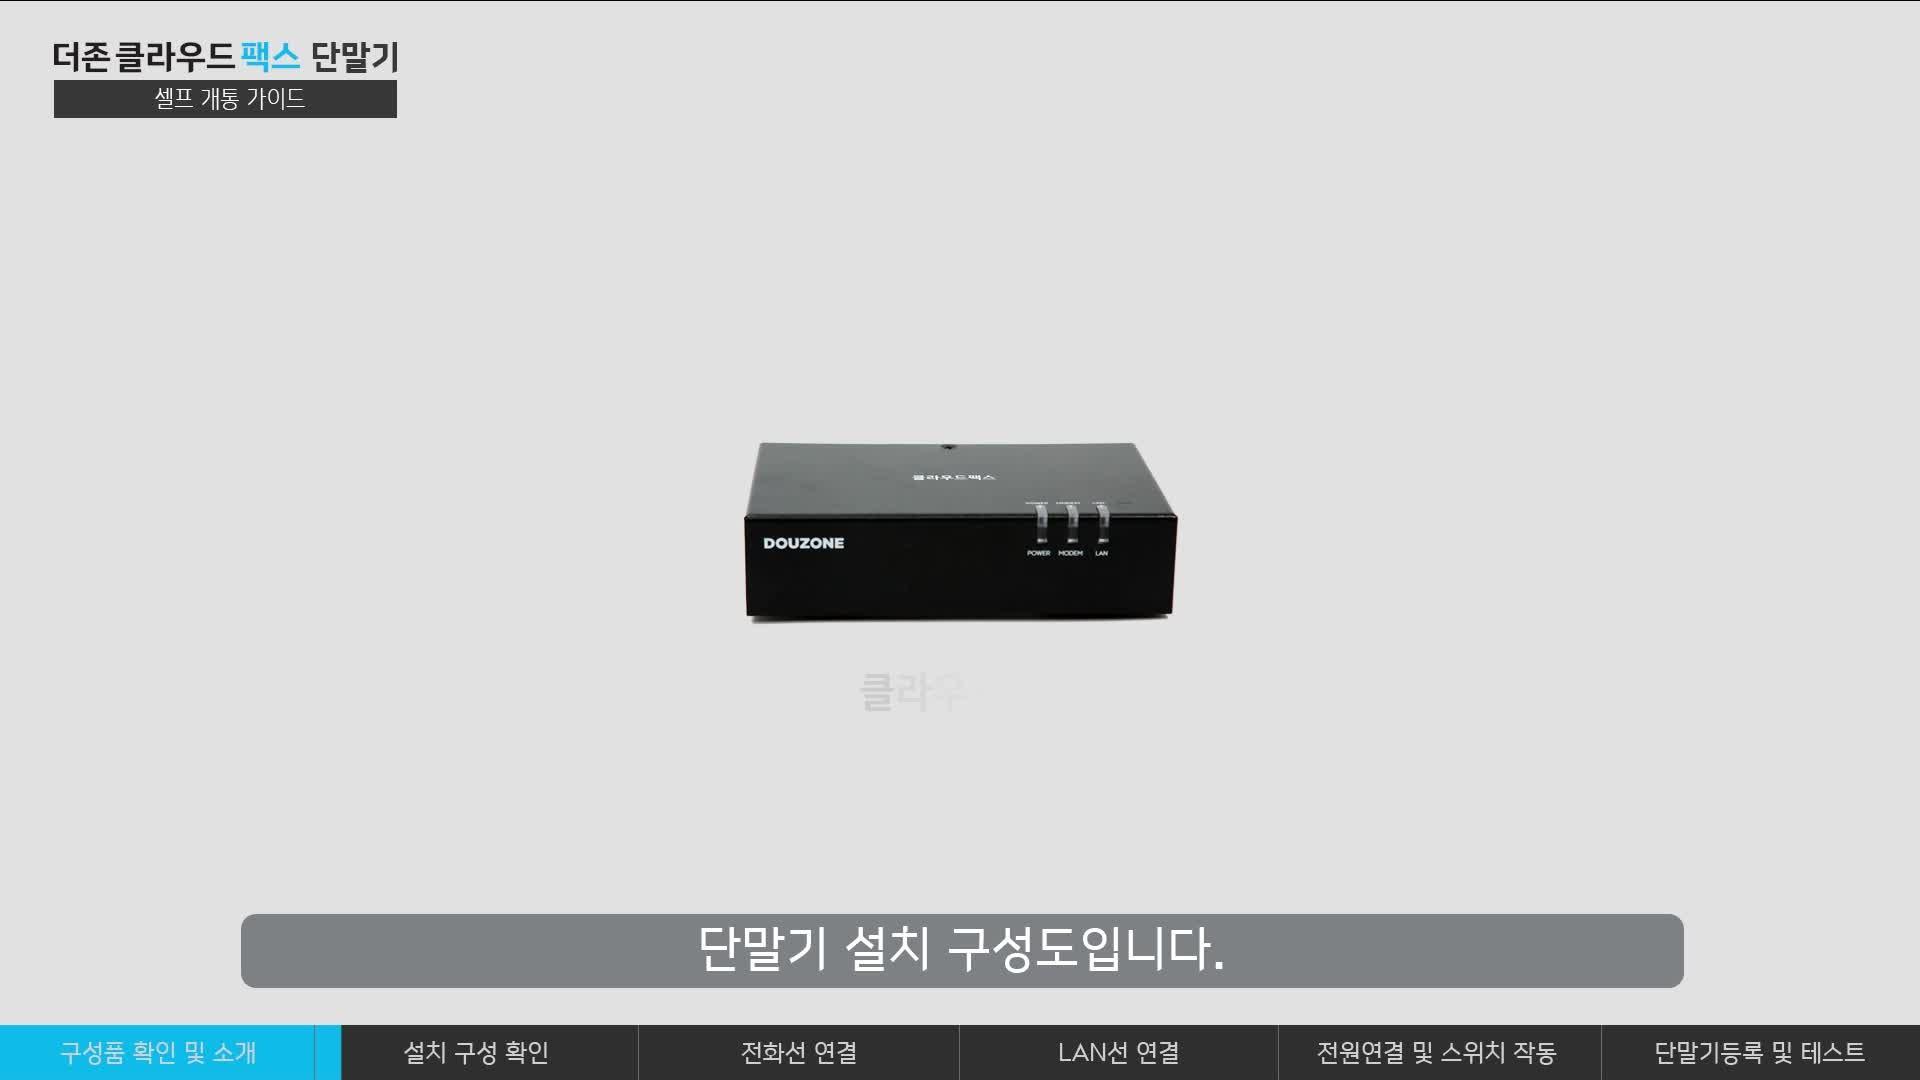 더존 클라우드 팩스 단말기 셀프 개통 가이드 - 최초 설치